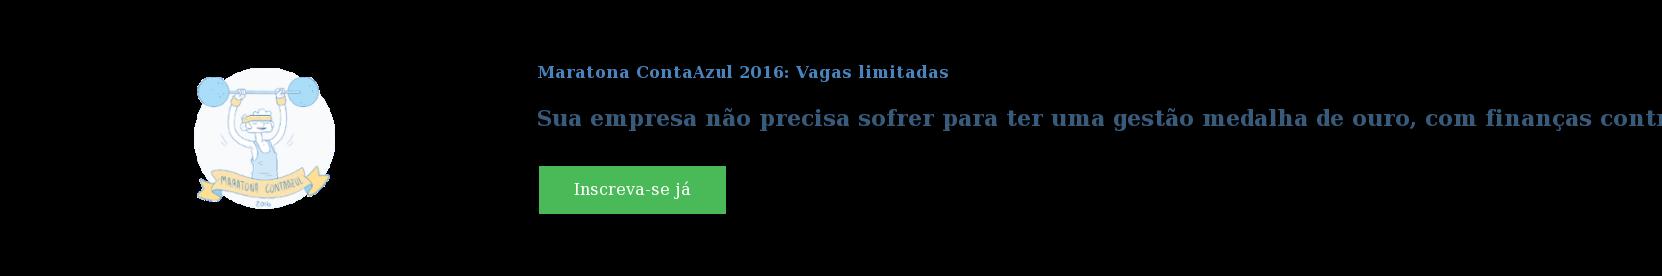 Maratona ContaAzul 2016: Vagas limitadas  Sua empresa não precisa sofrer para ter uma gestão medalha de ouro, com  finanças controladas e mais faturamento. Inscreva-se já